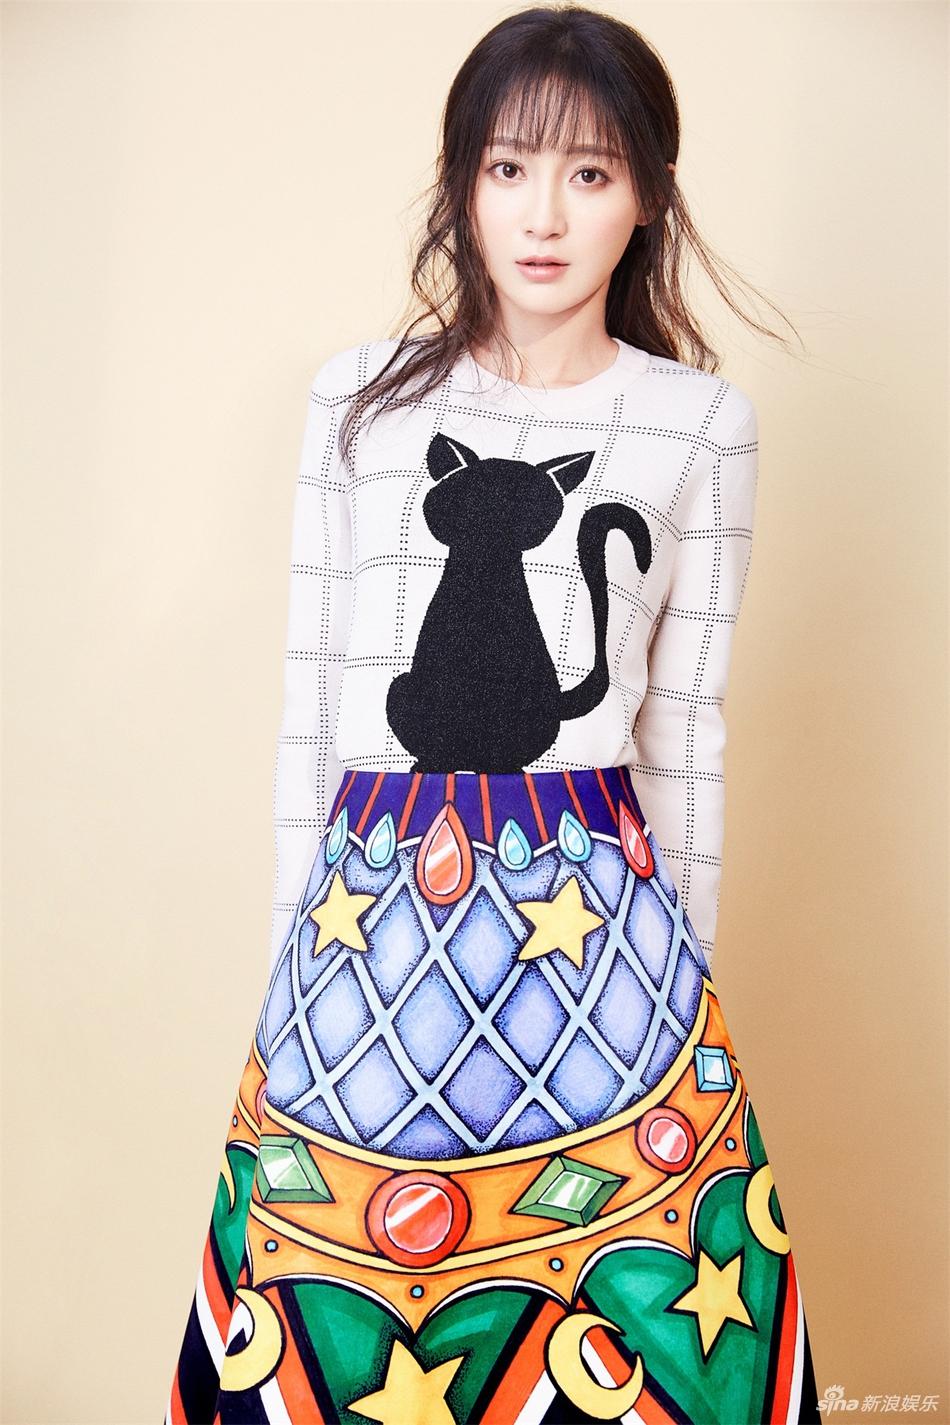 抽象画般的彩色油墨几何印花A字裙,搭配简约可爱的白色上衣,散发